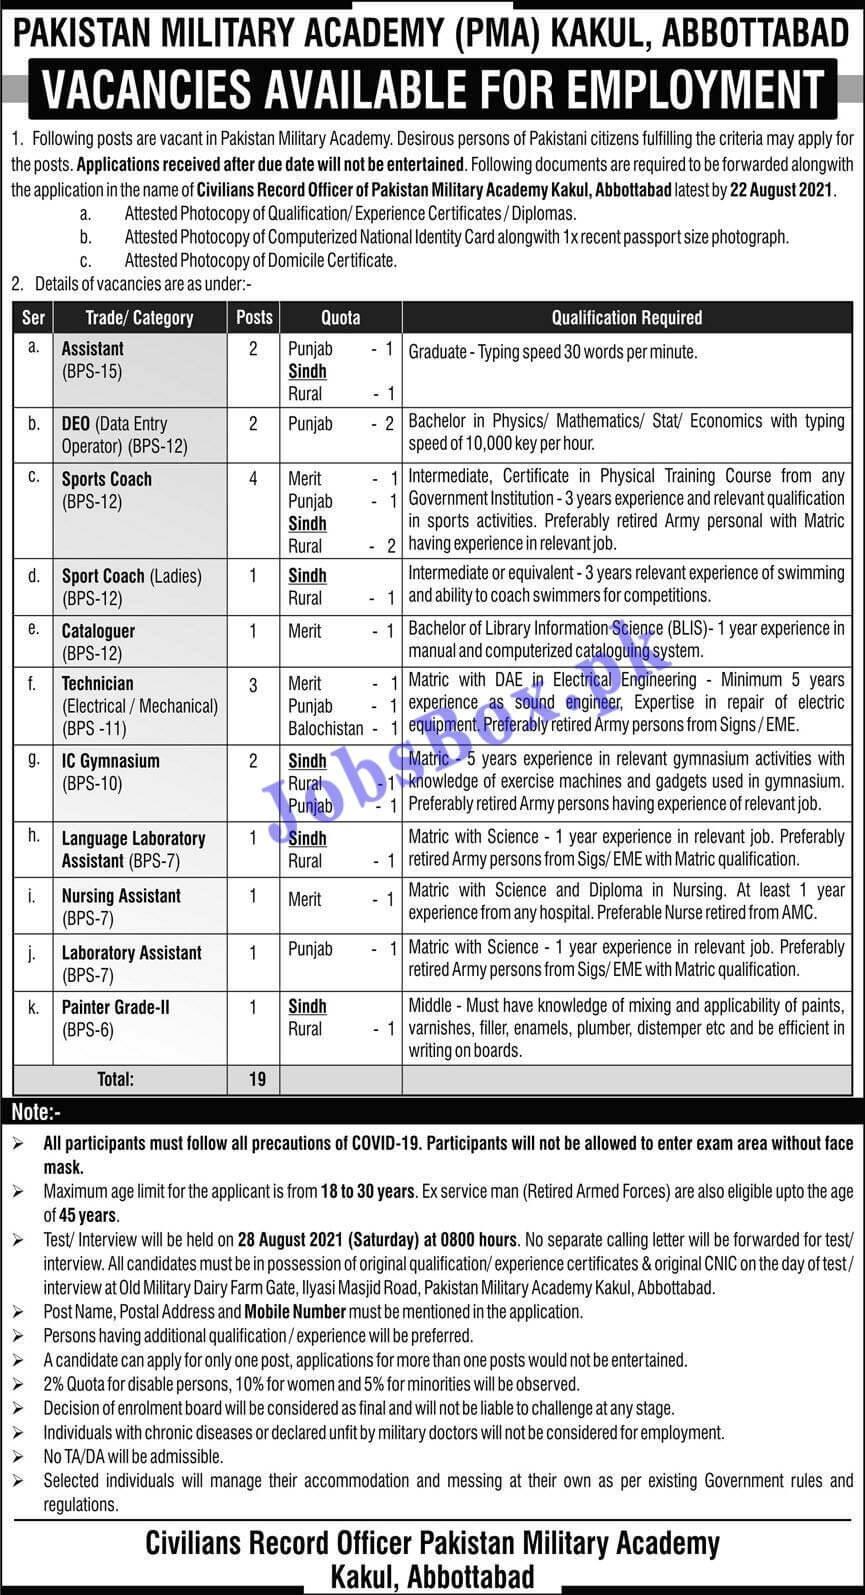 Pakistan Military Academy PMA Jobs 2021 in Abbottabad